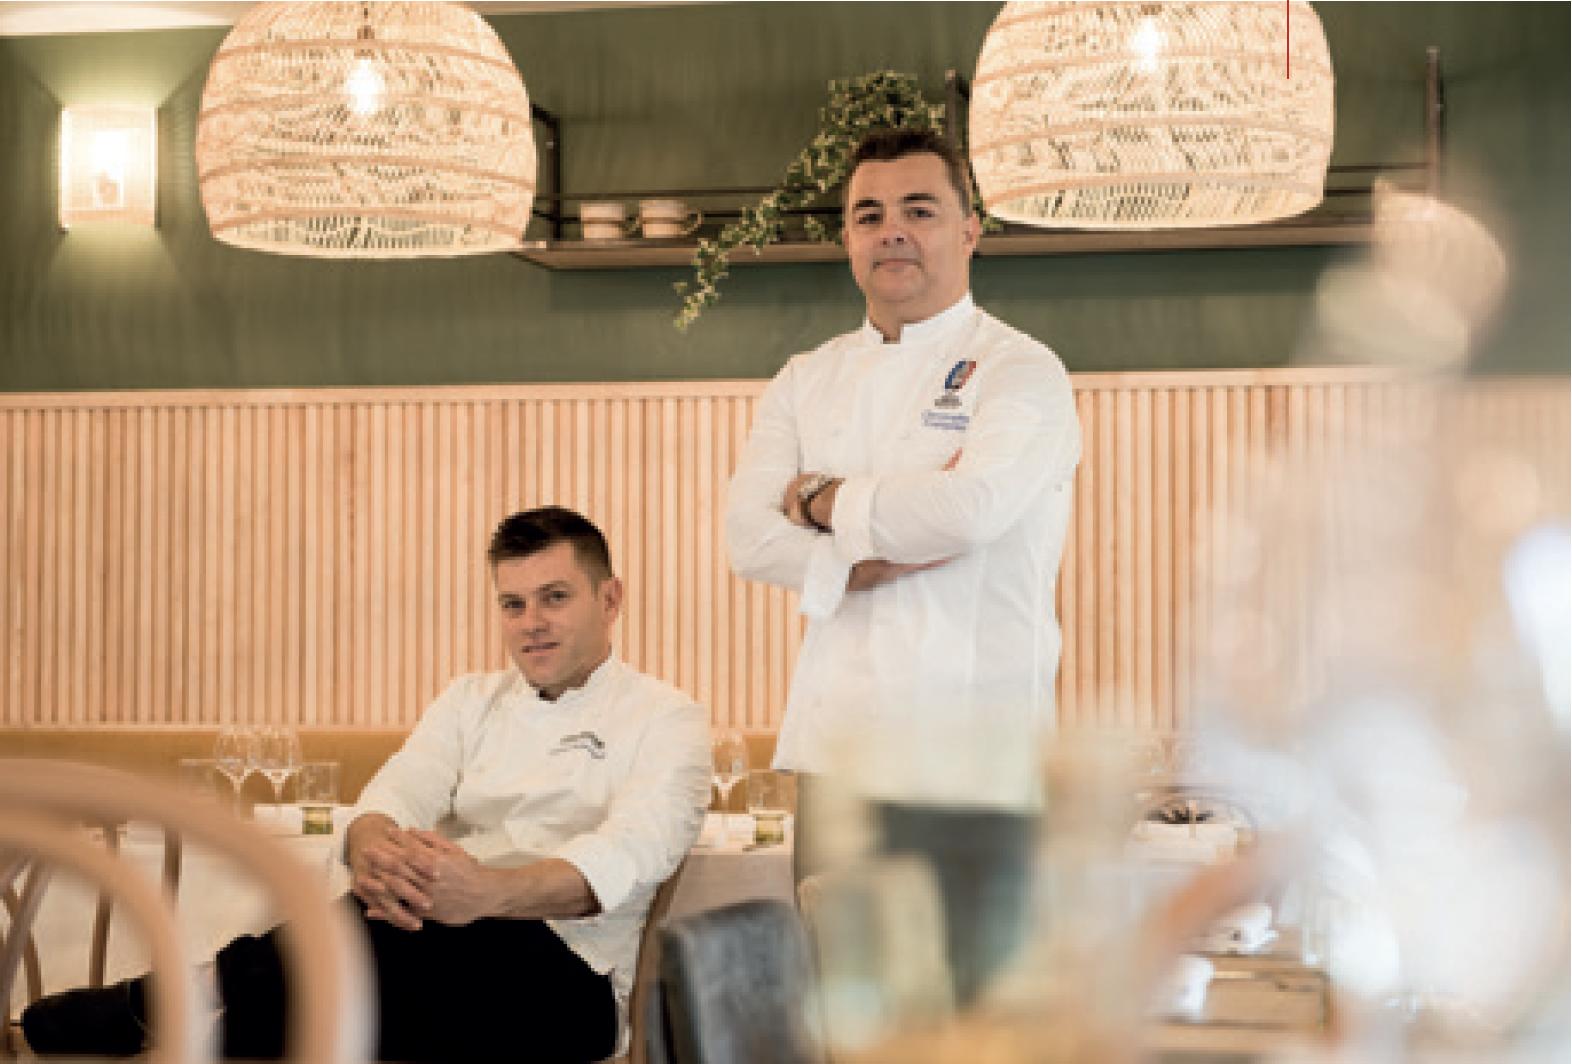 Restaurant C Gastronomie - Christophe Foulquier